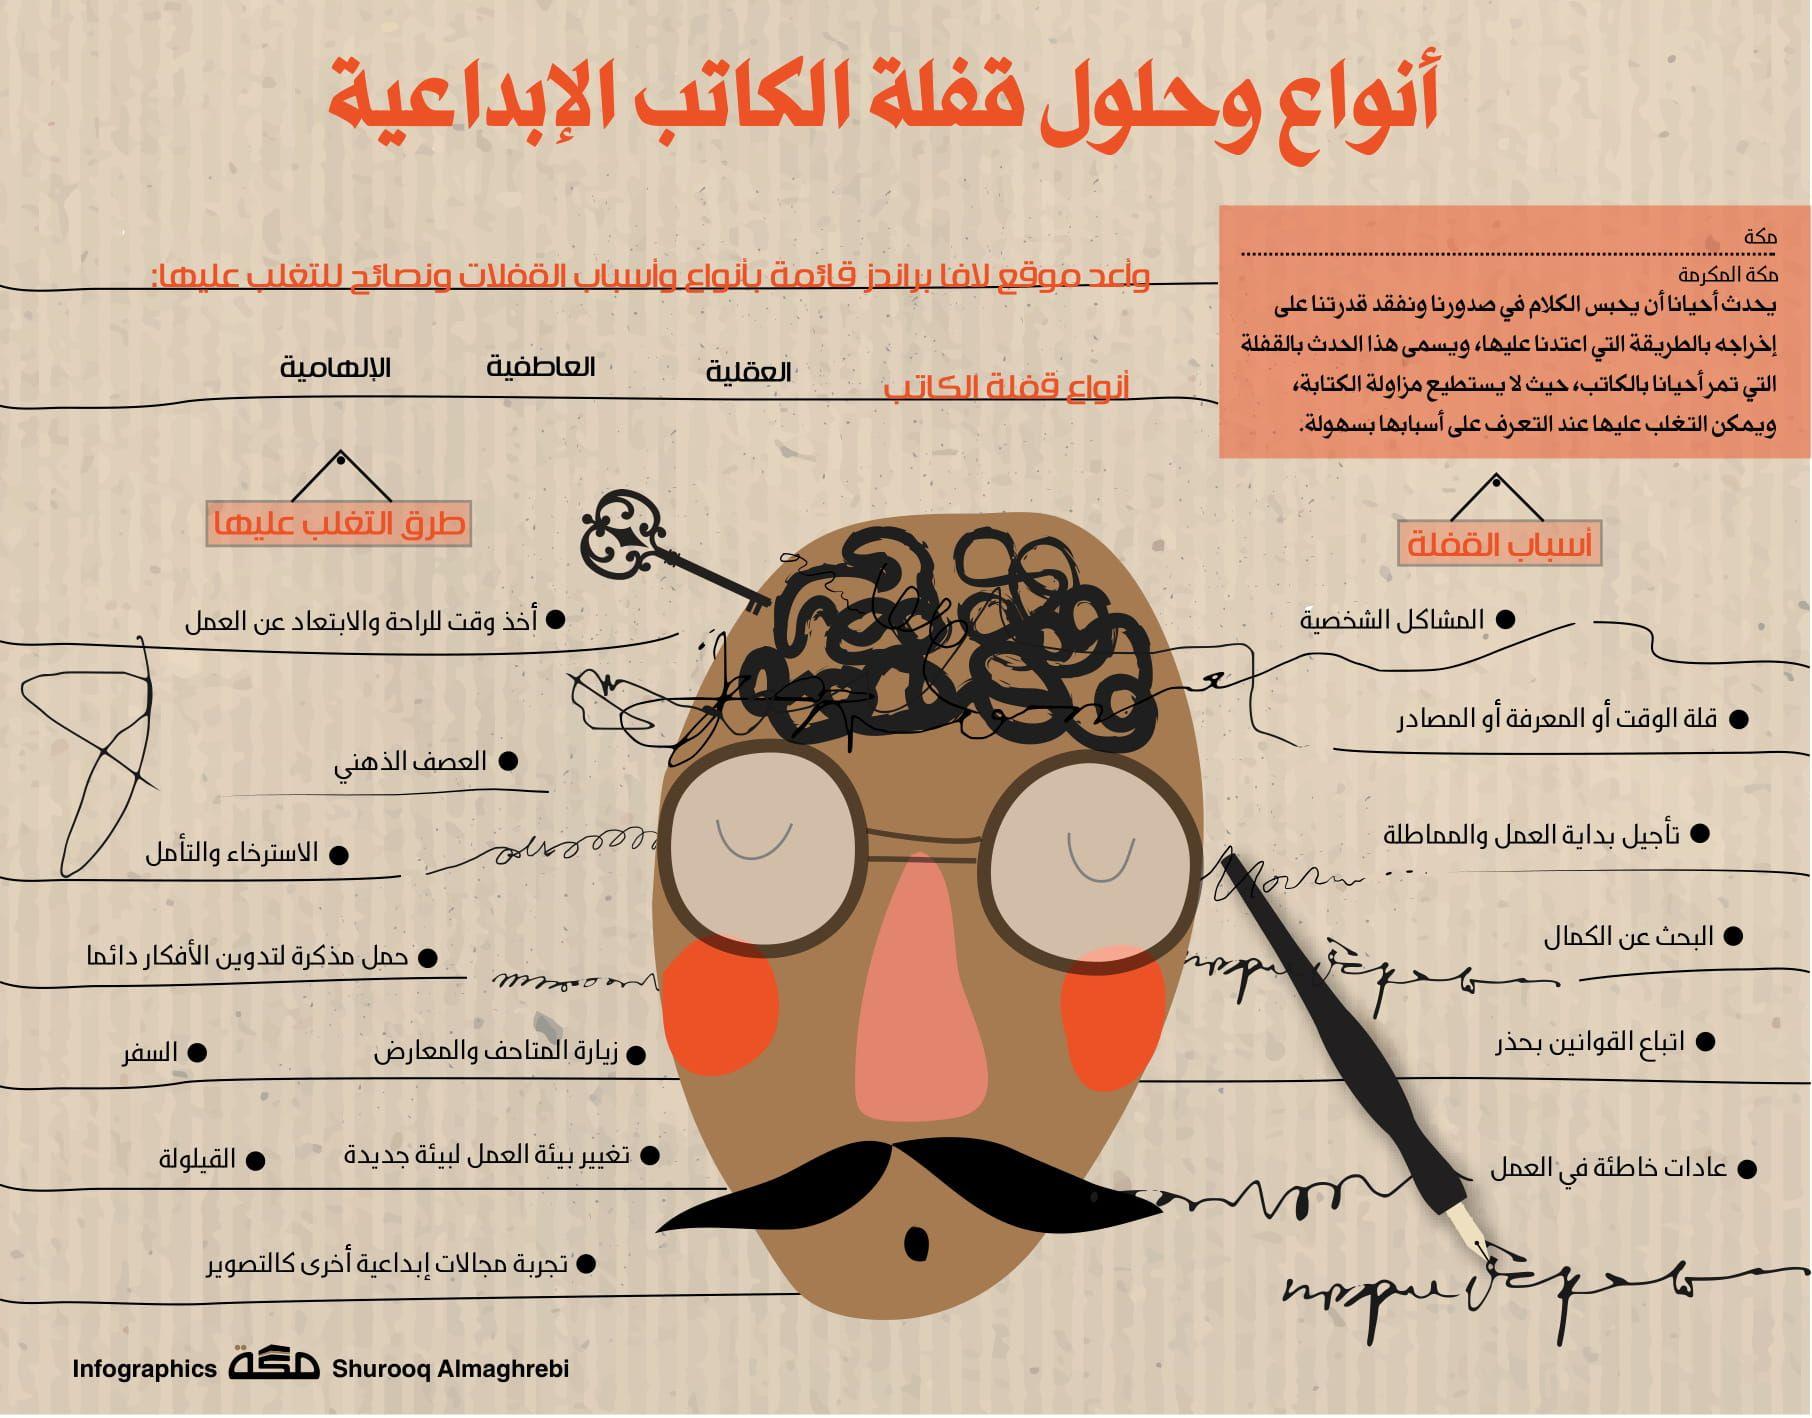 أنواع وحلول قفلة الكاتب الإبداعية صحيفة مكة انفوجرافيك قراءة Infographic Comics